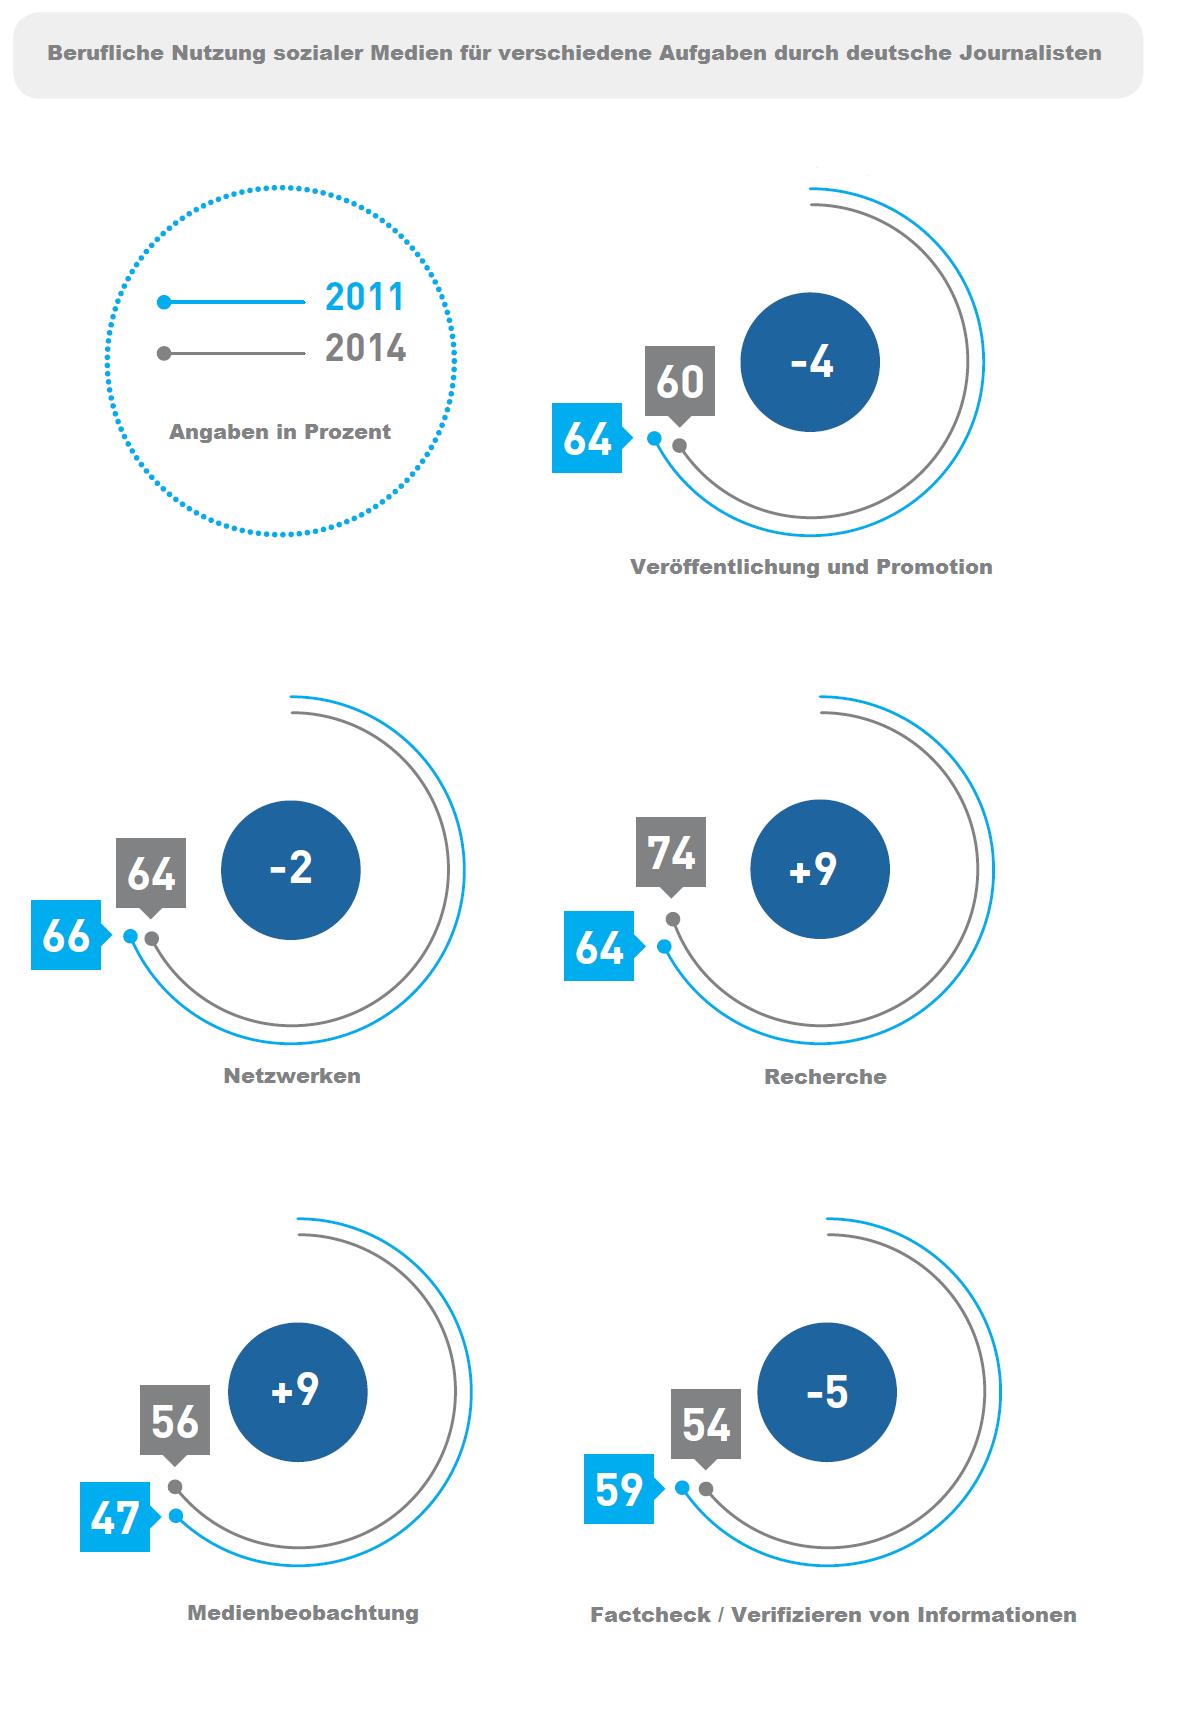 Berufliche Nutzung sozialer Medien für verschiedene Aufgaben durch deutsche Journalisten